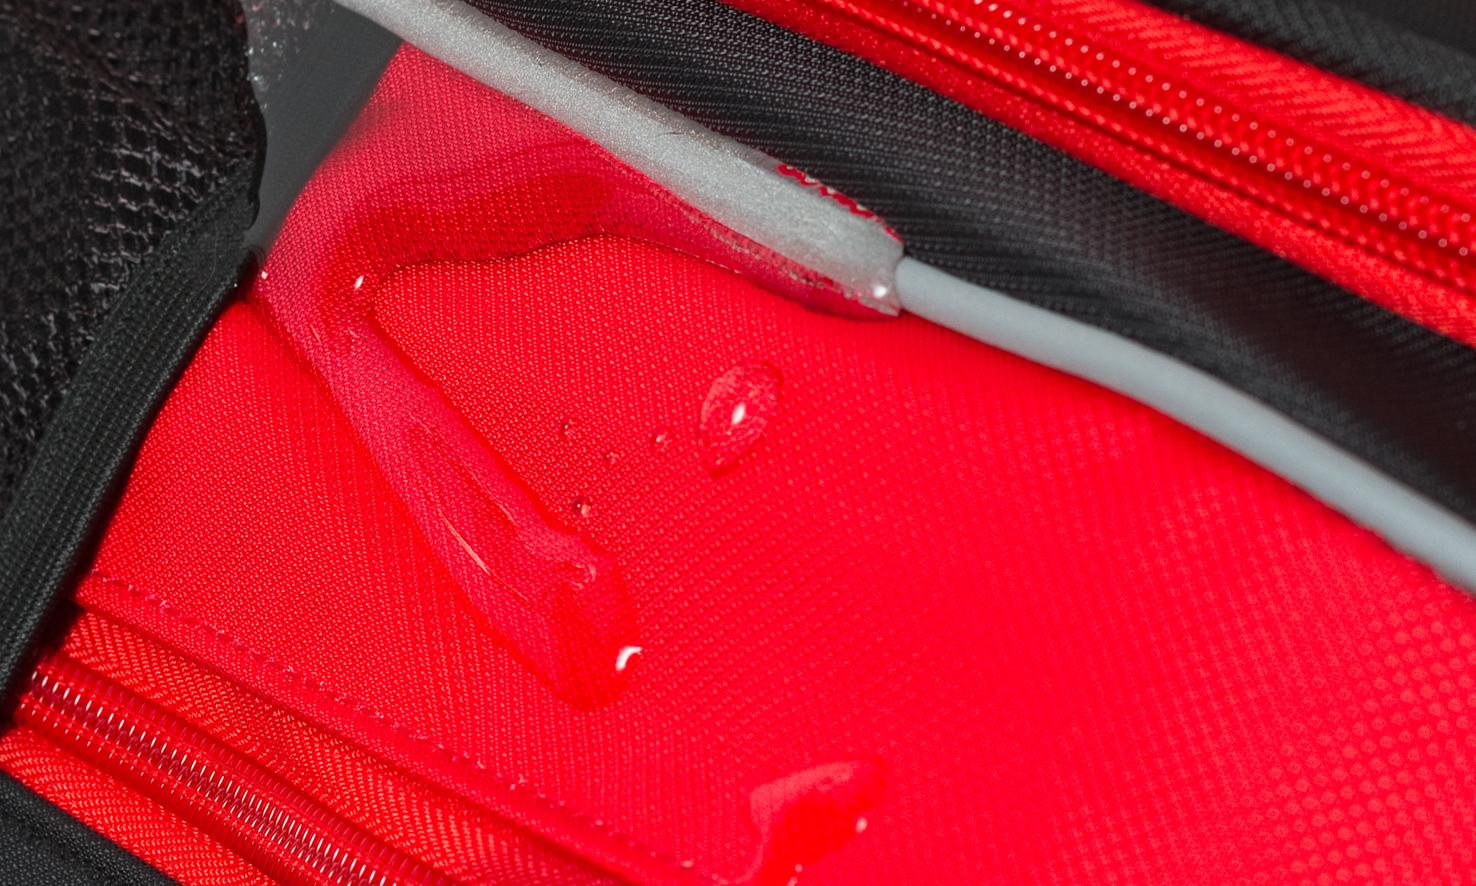 все материалы из которых изготовлен рюкзак 4all водозащищены